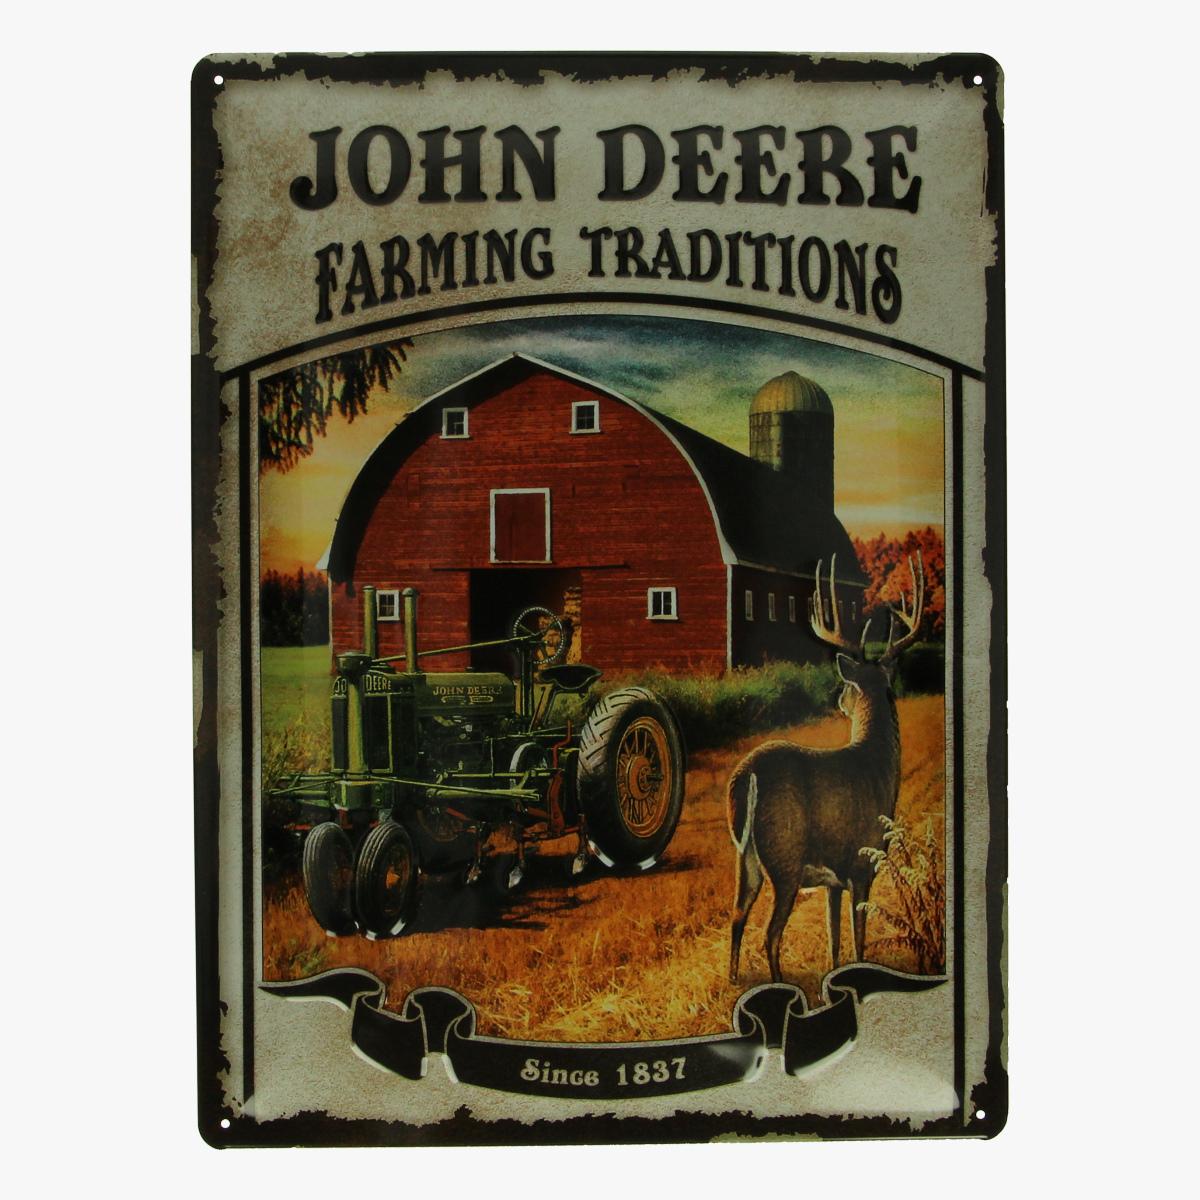 Afbeeldingen van blikken bord John deere tractor farming traditions